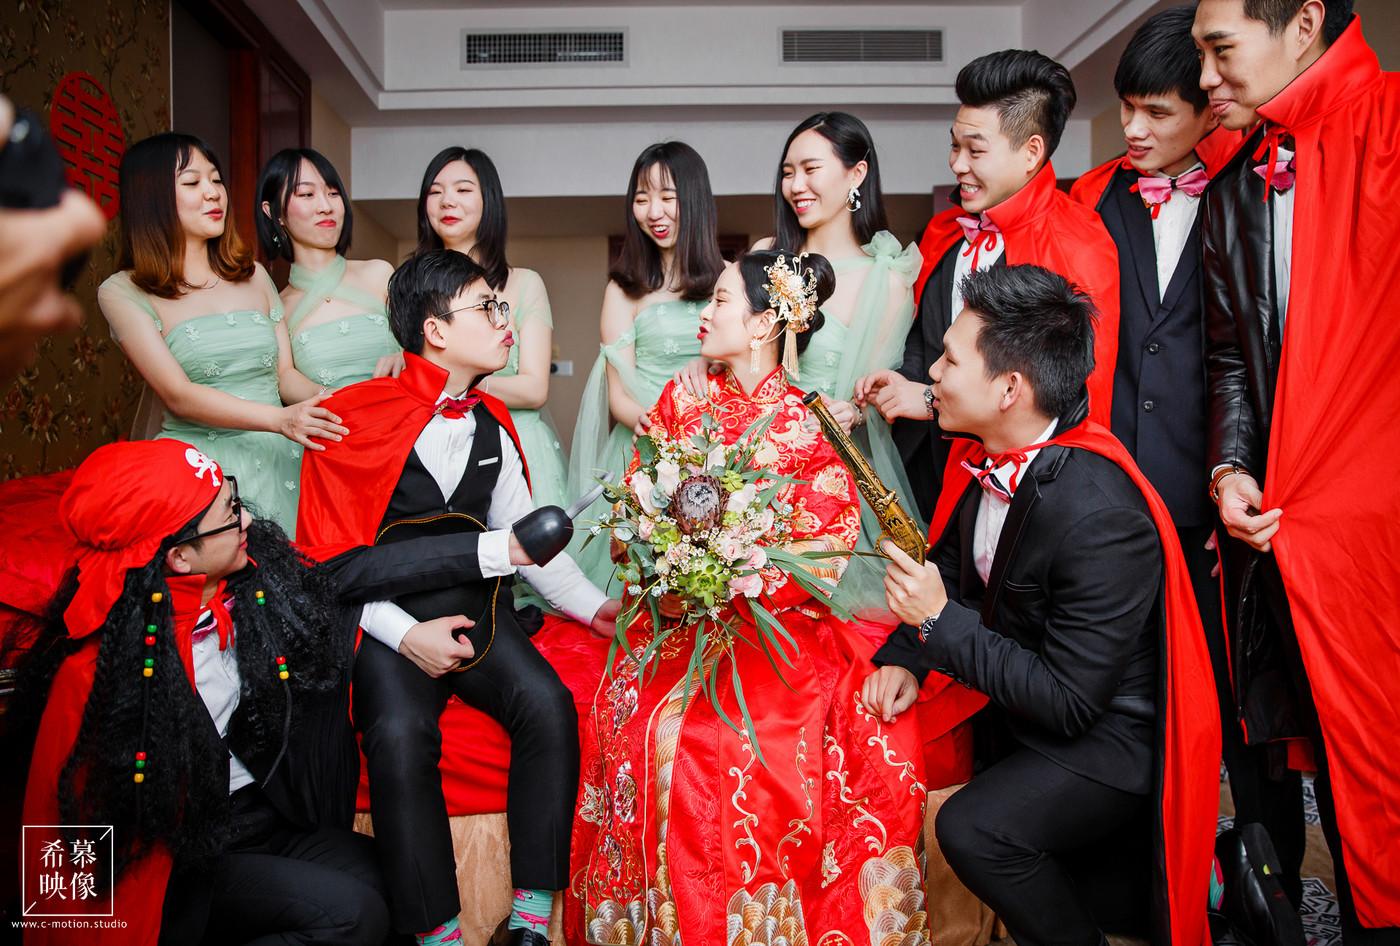 Rui&HY's Wedding21